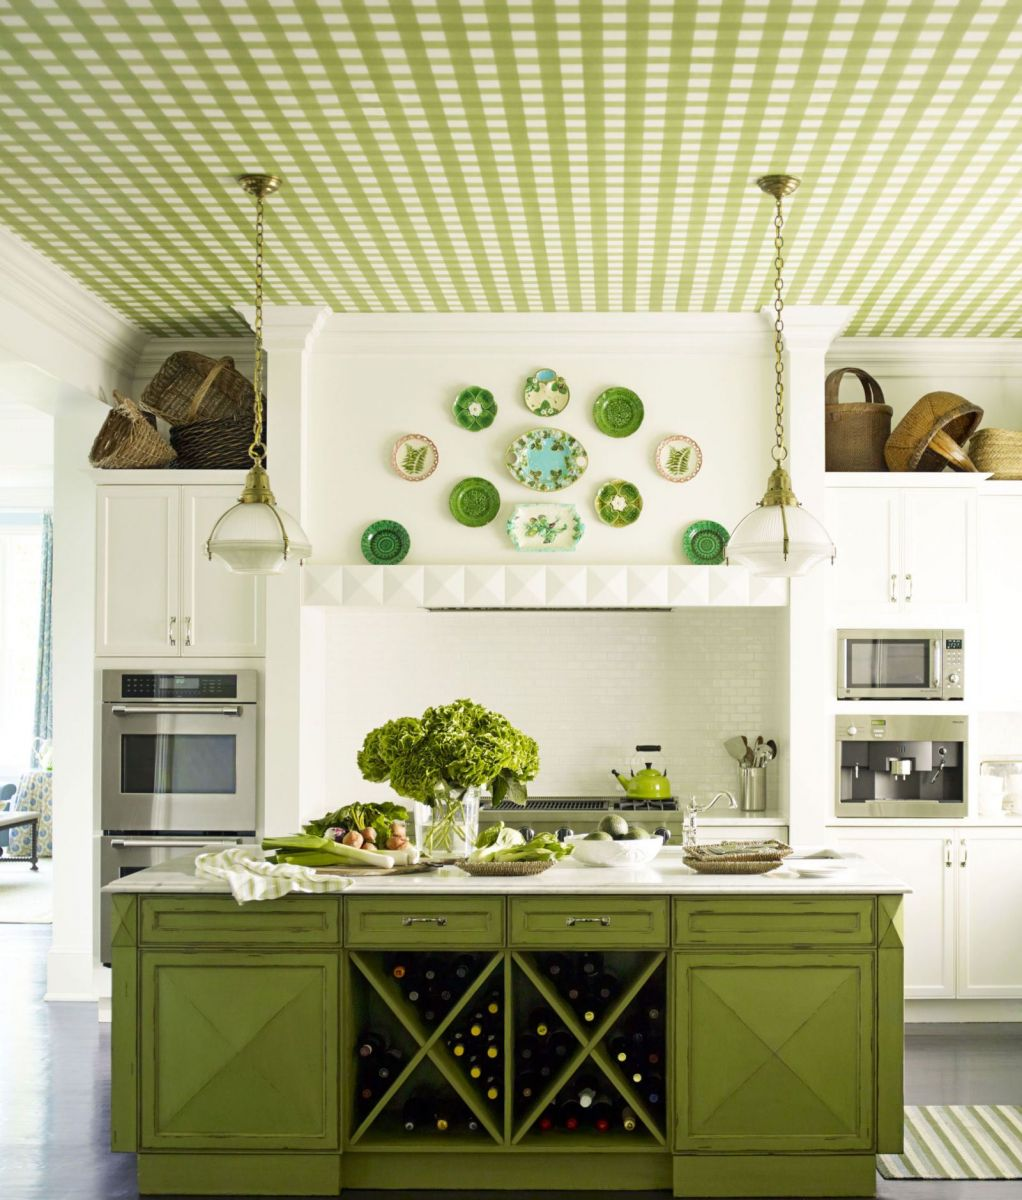 Thiết kế bếp đa sắc màu tăng hứng khởi khi chế biến món ăn ngon - 7